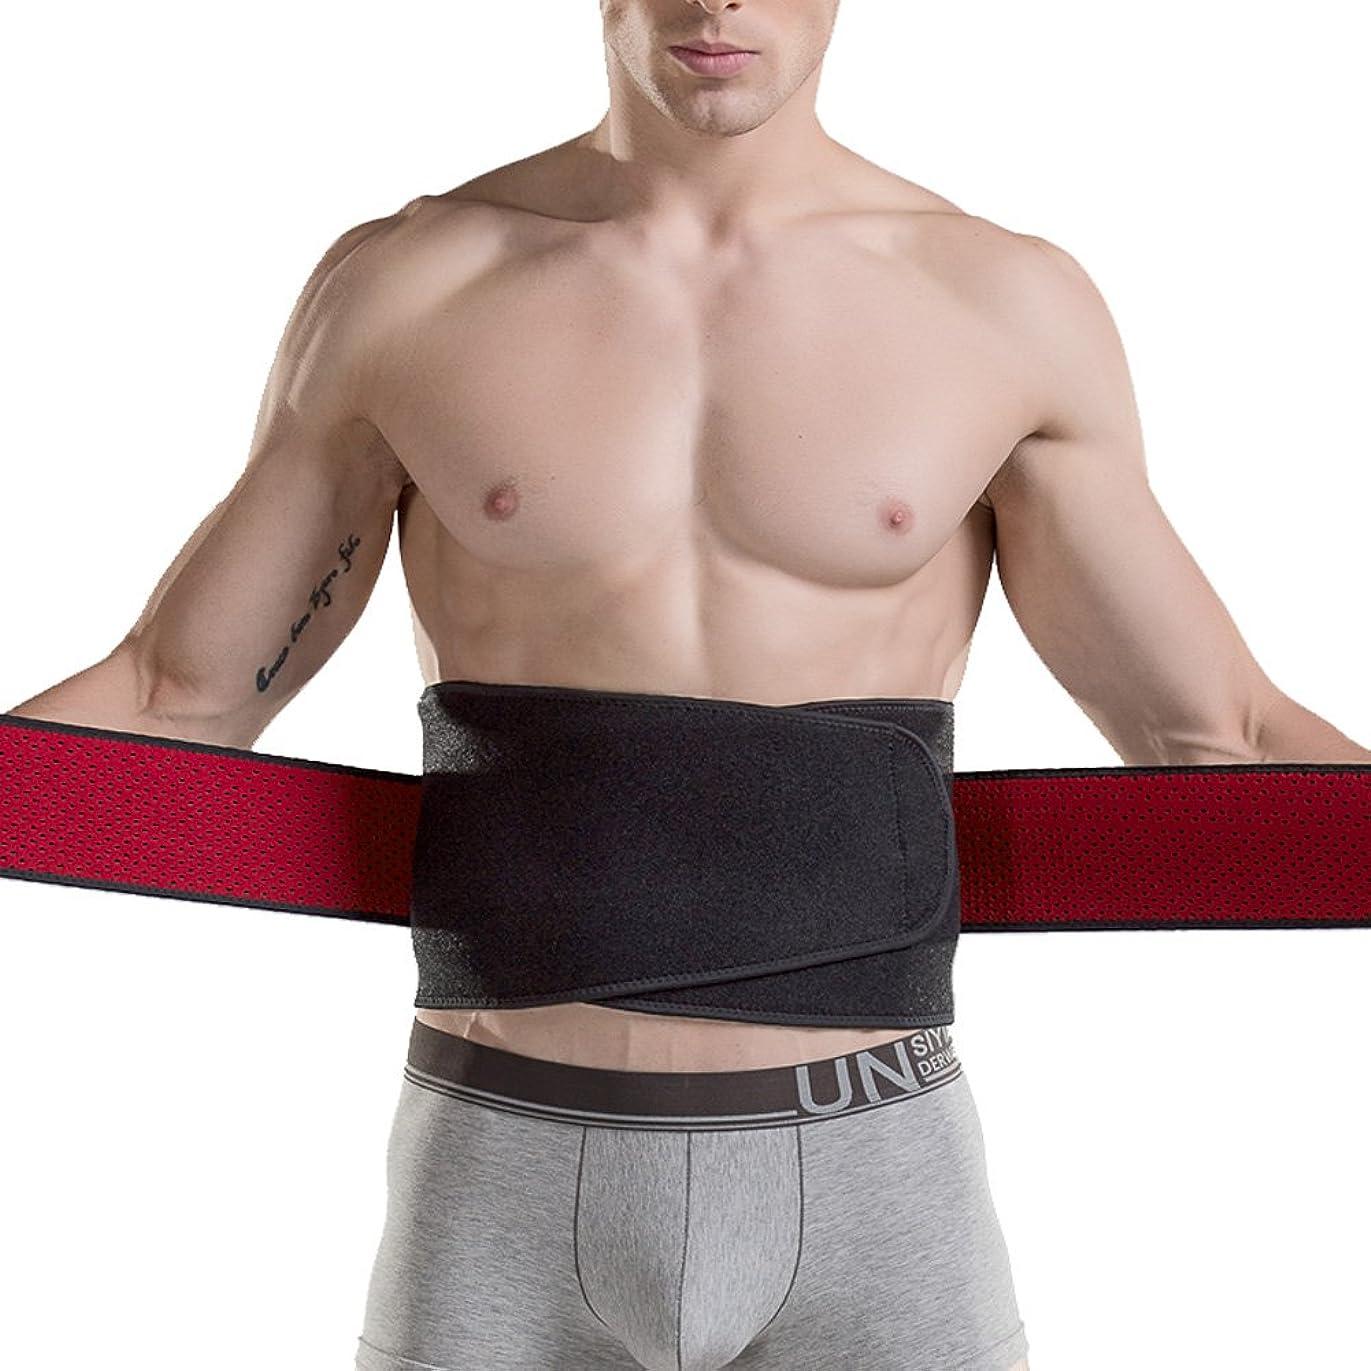 オッズ約感謝する[RSWHYY] メンズ ウエストサポーター 二重加圧 腹巻 調節可 ケガ防止 腰痛緩和 ジム フィットネス